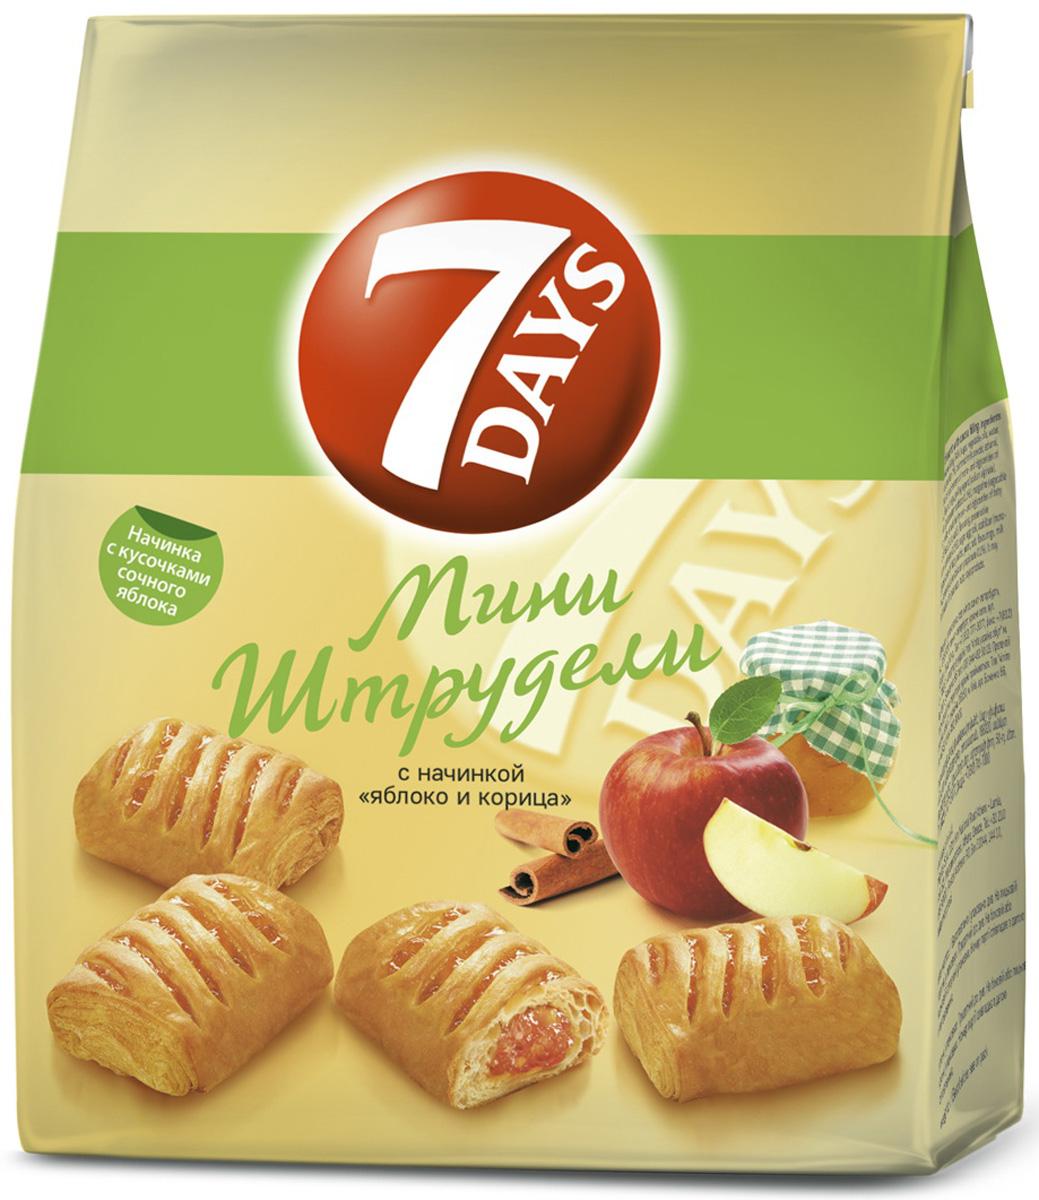 """7DAYS Мини штрудели с начинкой """"яблоко и корица"""", 200 г"""